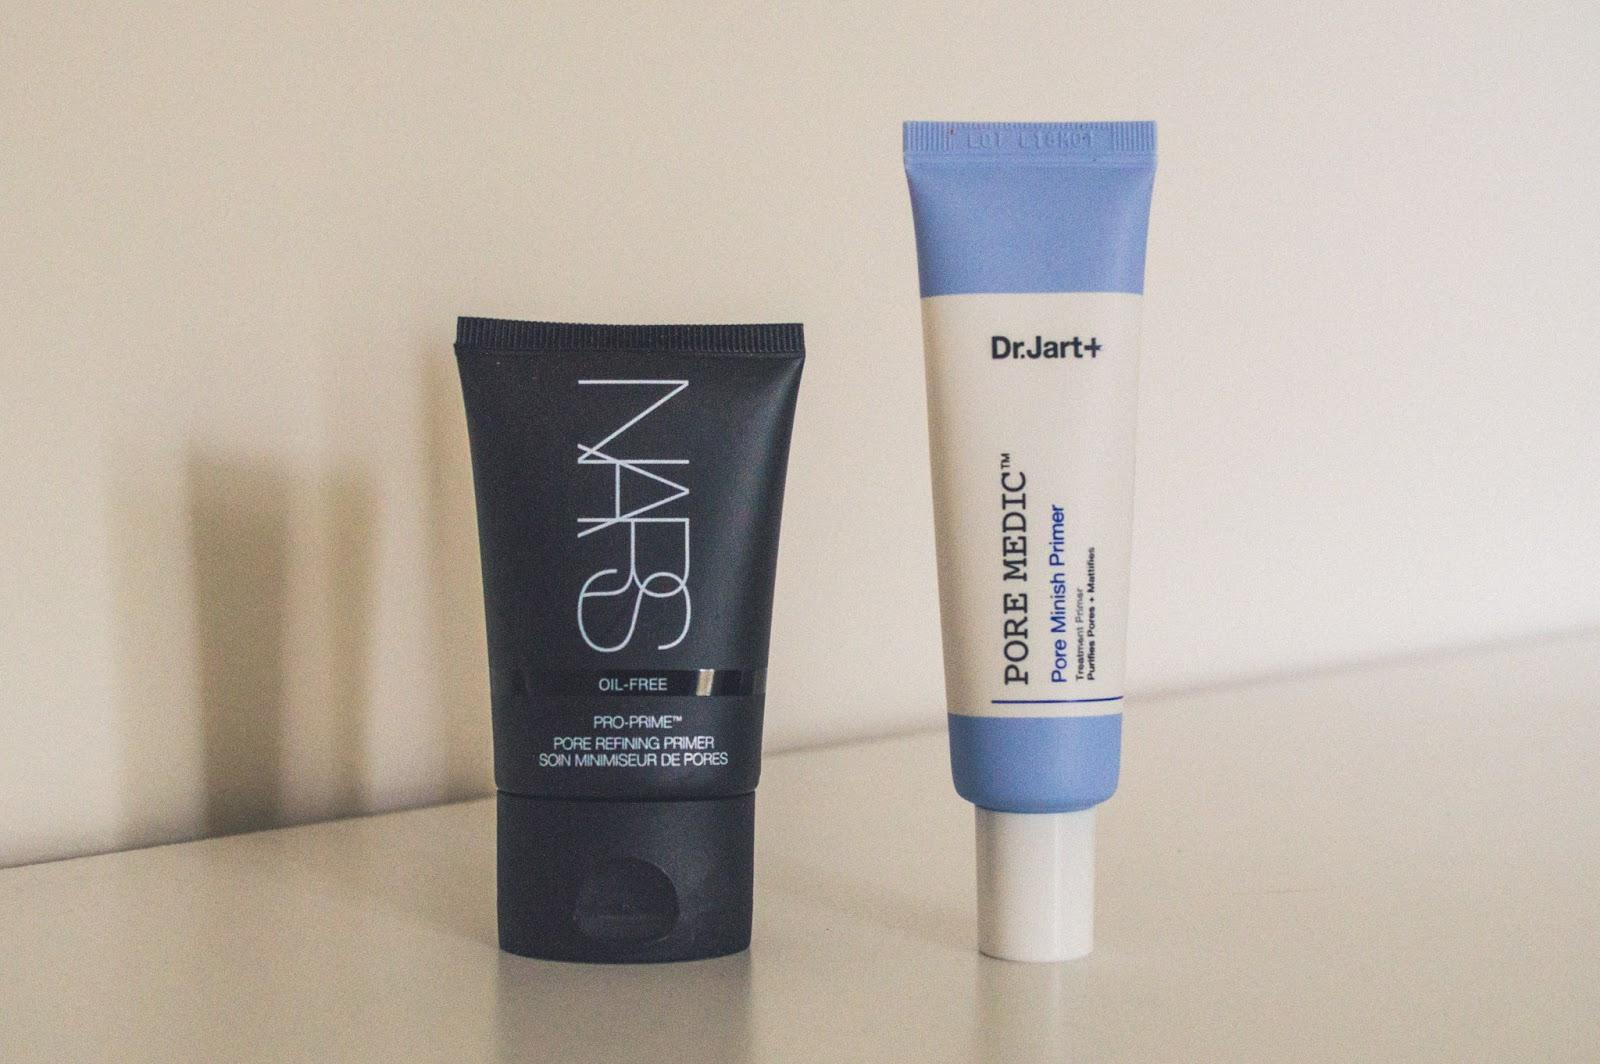 NARS Pro-Prime Pore Refining Primer & Dr.Jart+ Pore Medic Pore Minish Primer